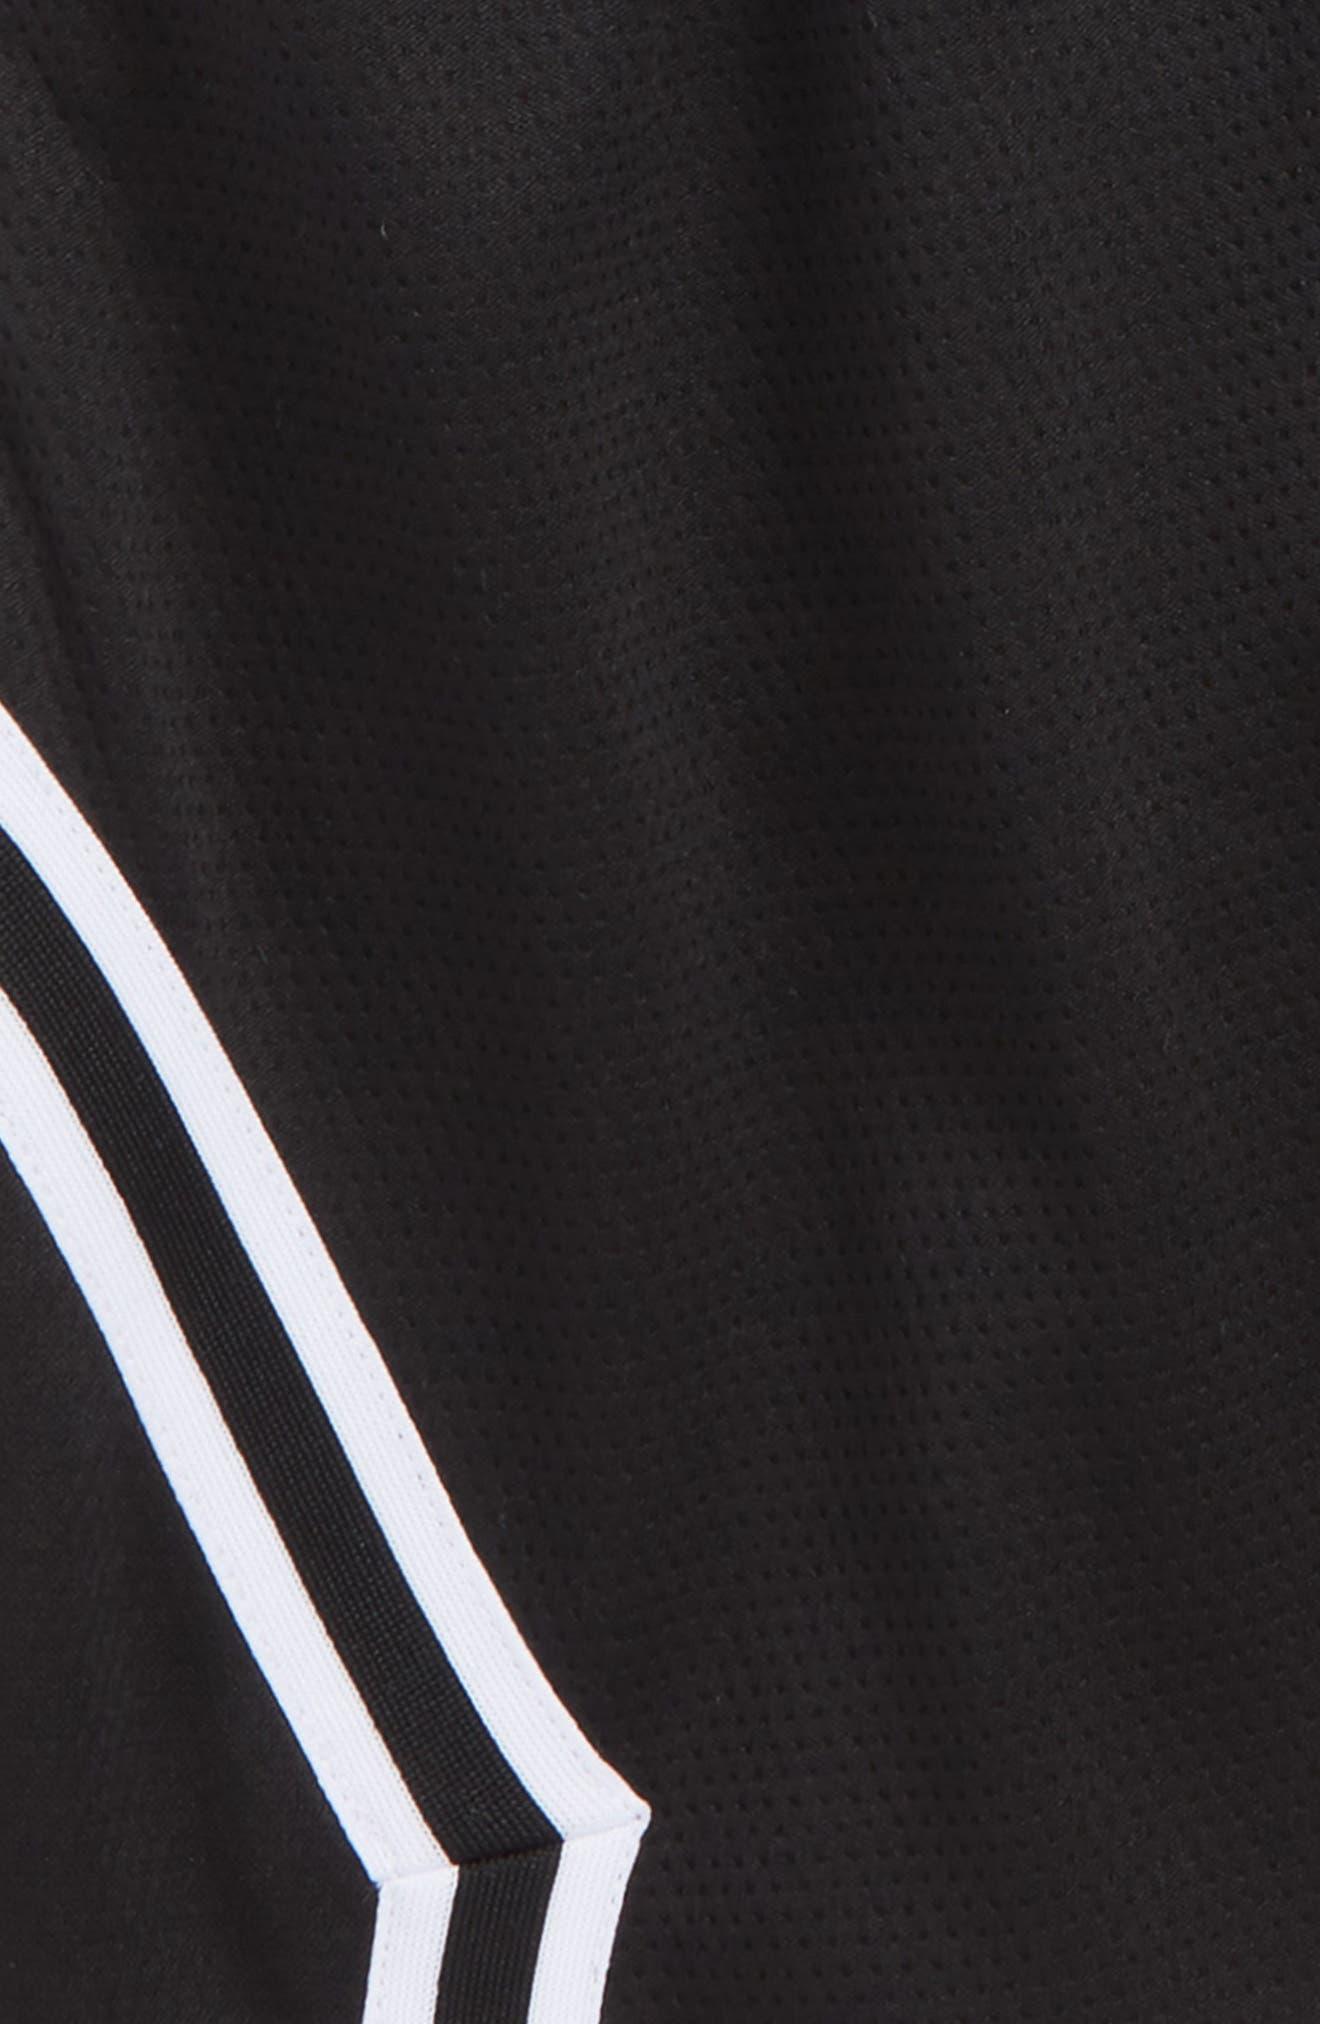 Jordan Rise Diamond Dri-FIT Basketball Shorts,                             Alternate thumbnail 2, color,                             Black